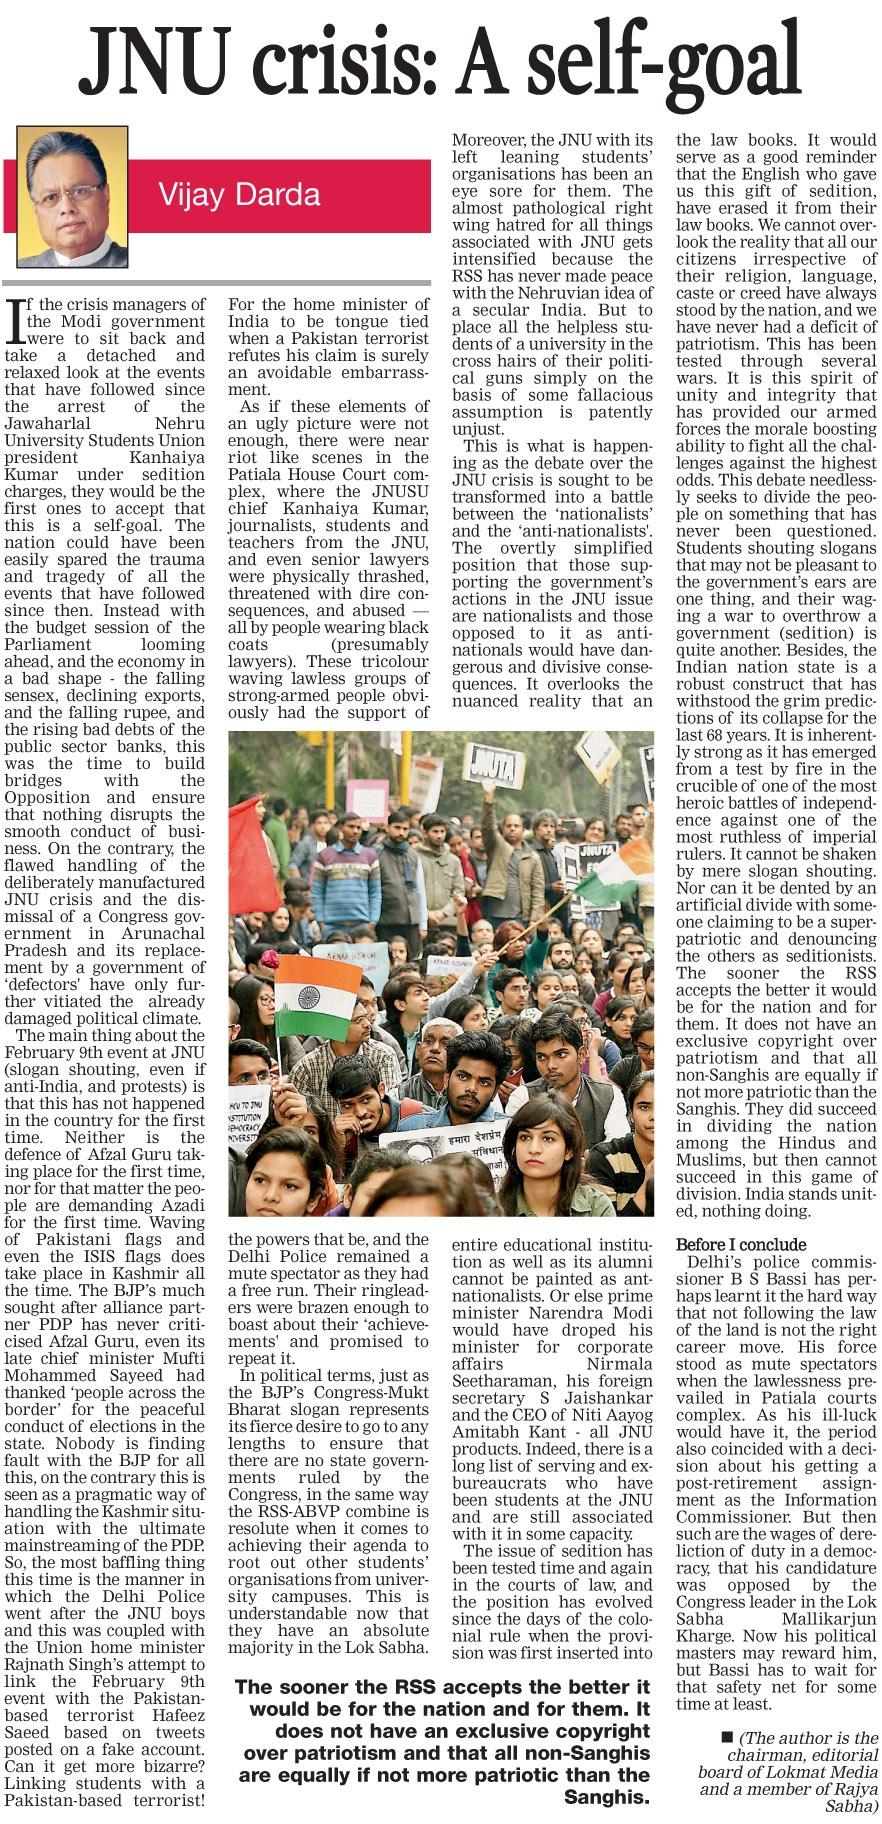 JNU crisis: A self-goal